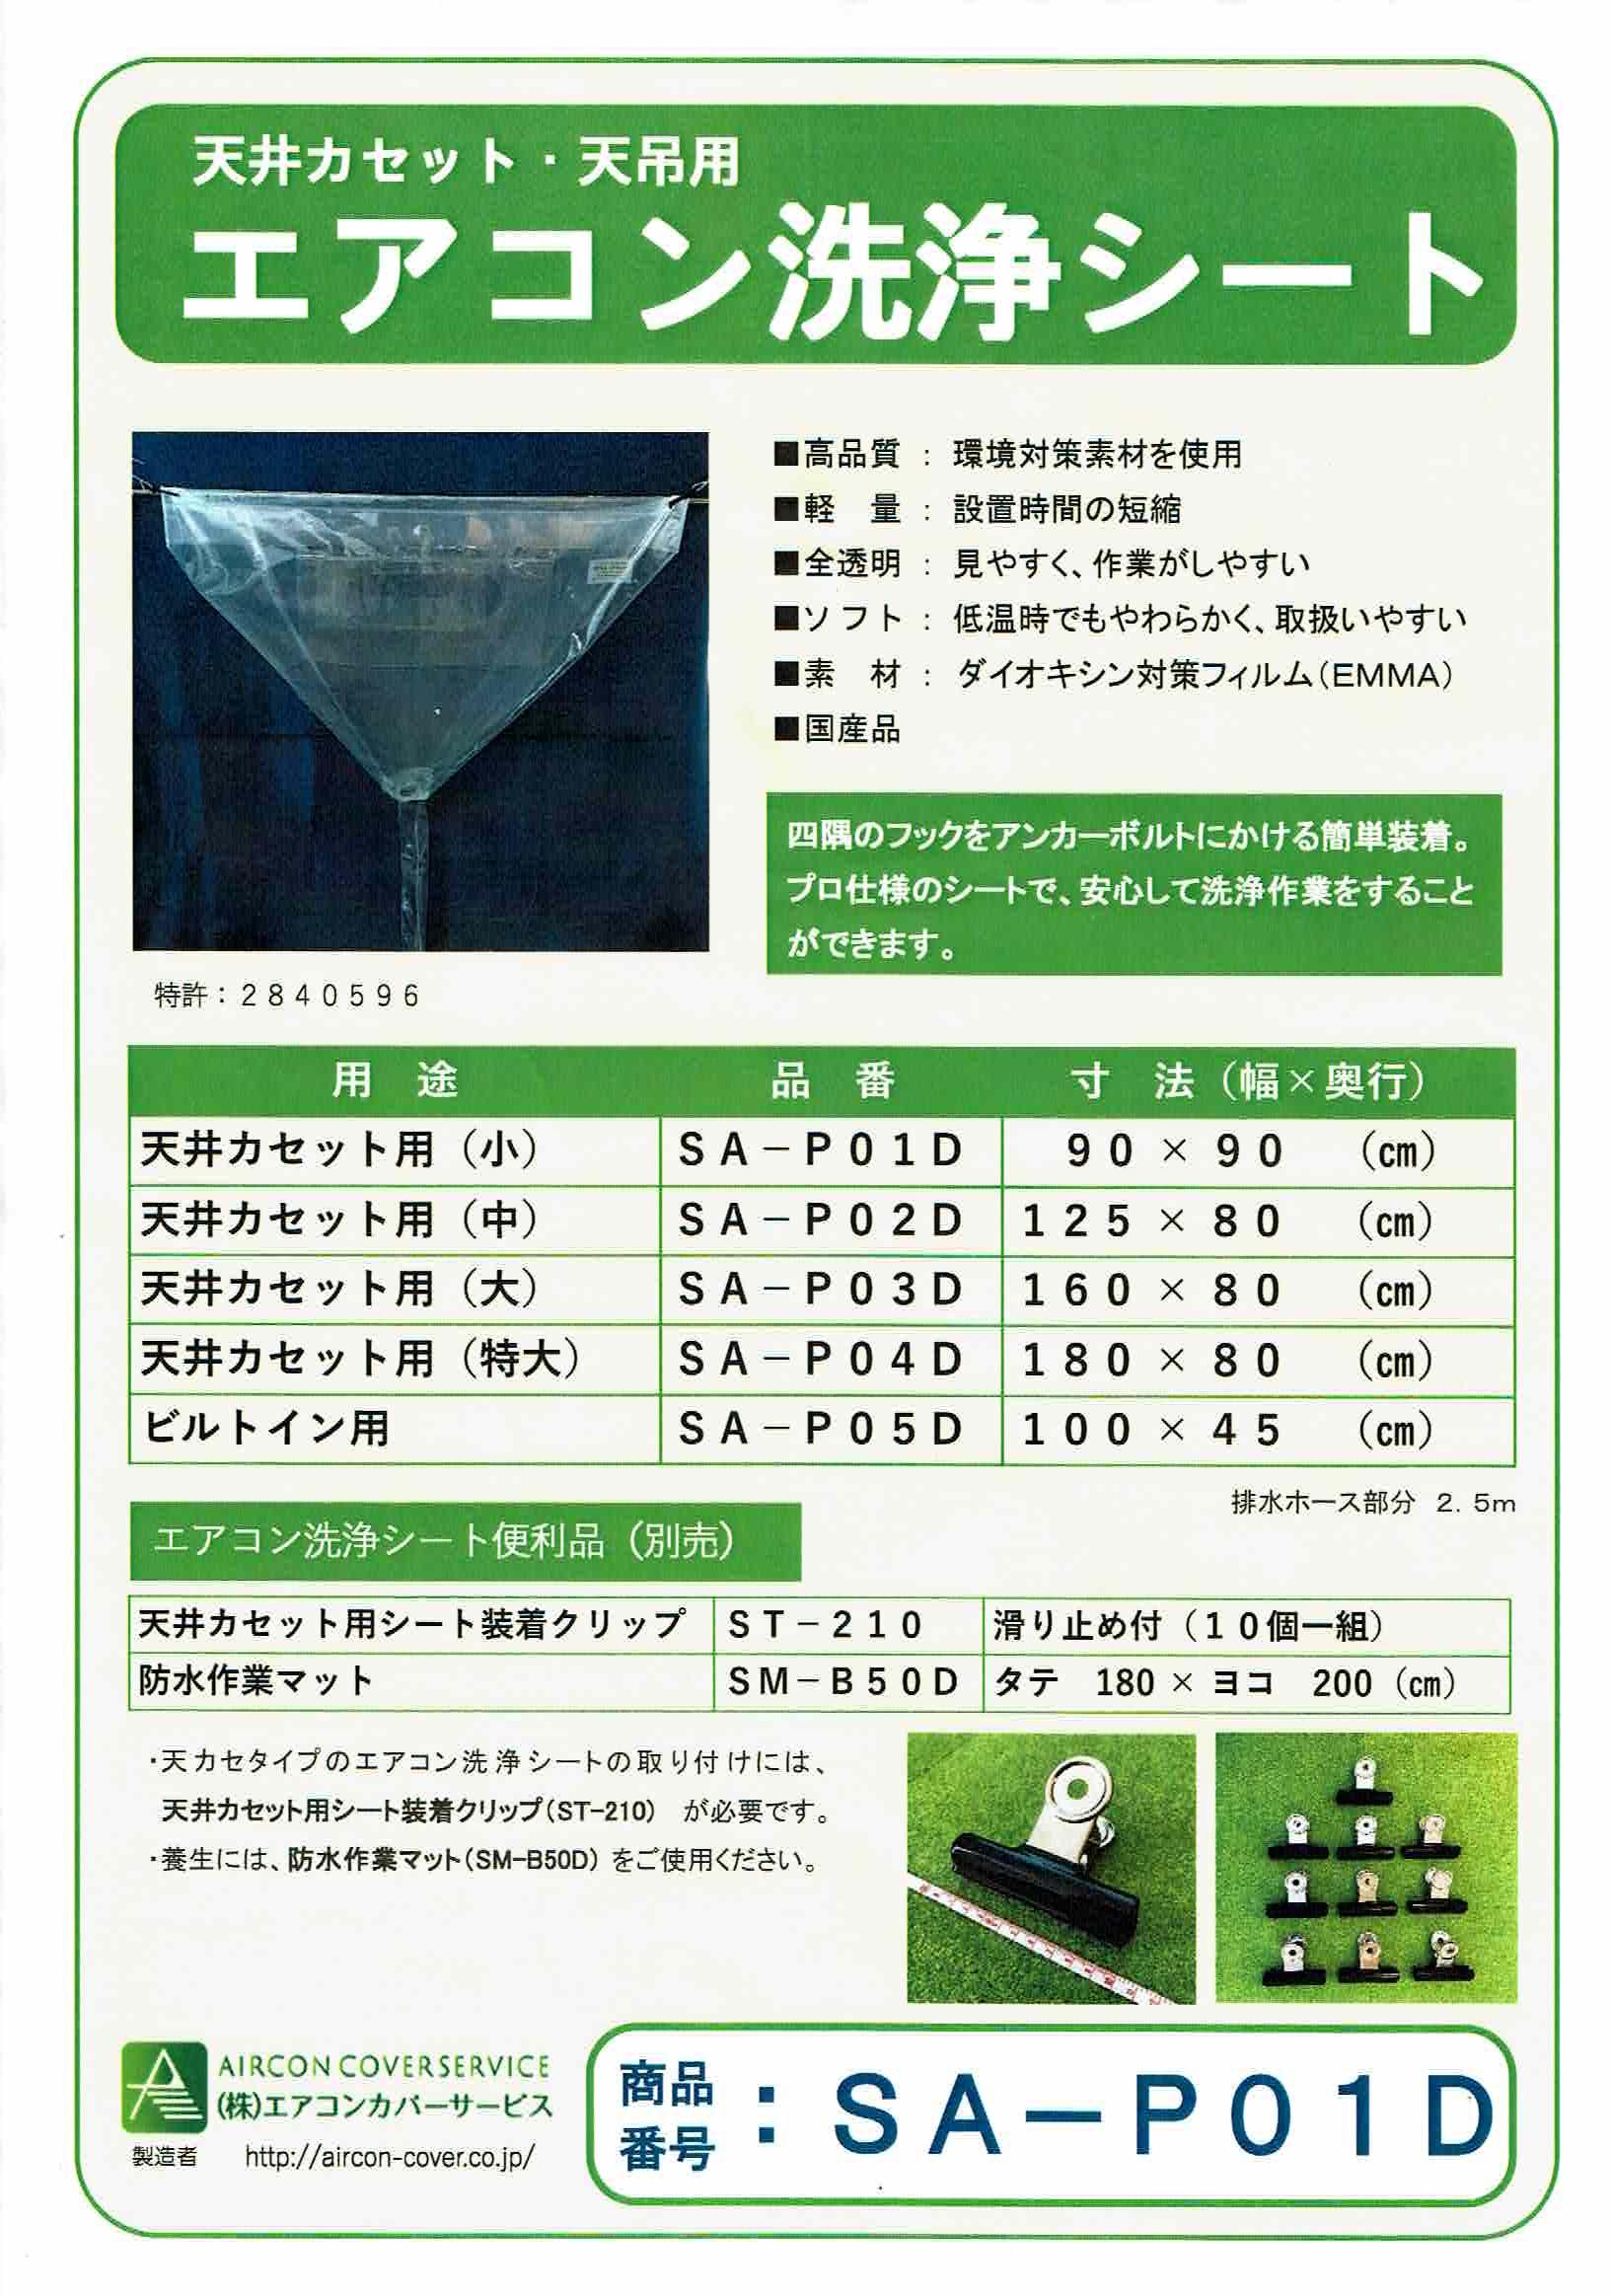 イチネンタスコTA918B-1 業務用天カセエアコン洗浄シート小サイズ(SA-P01D)画像